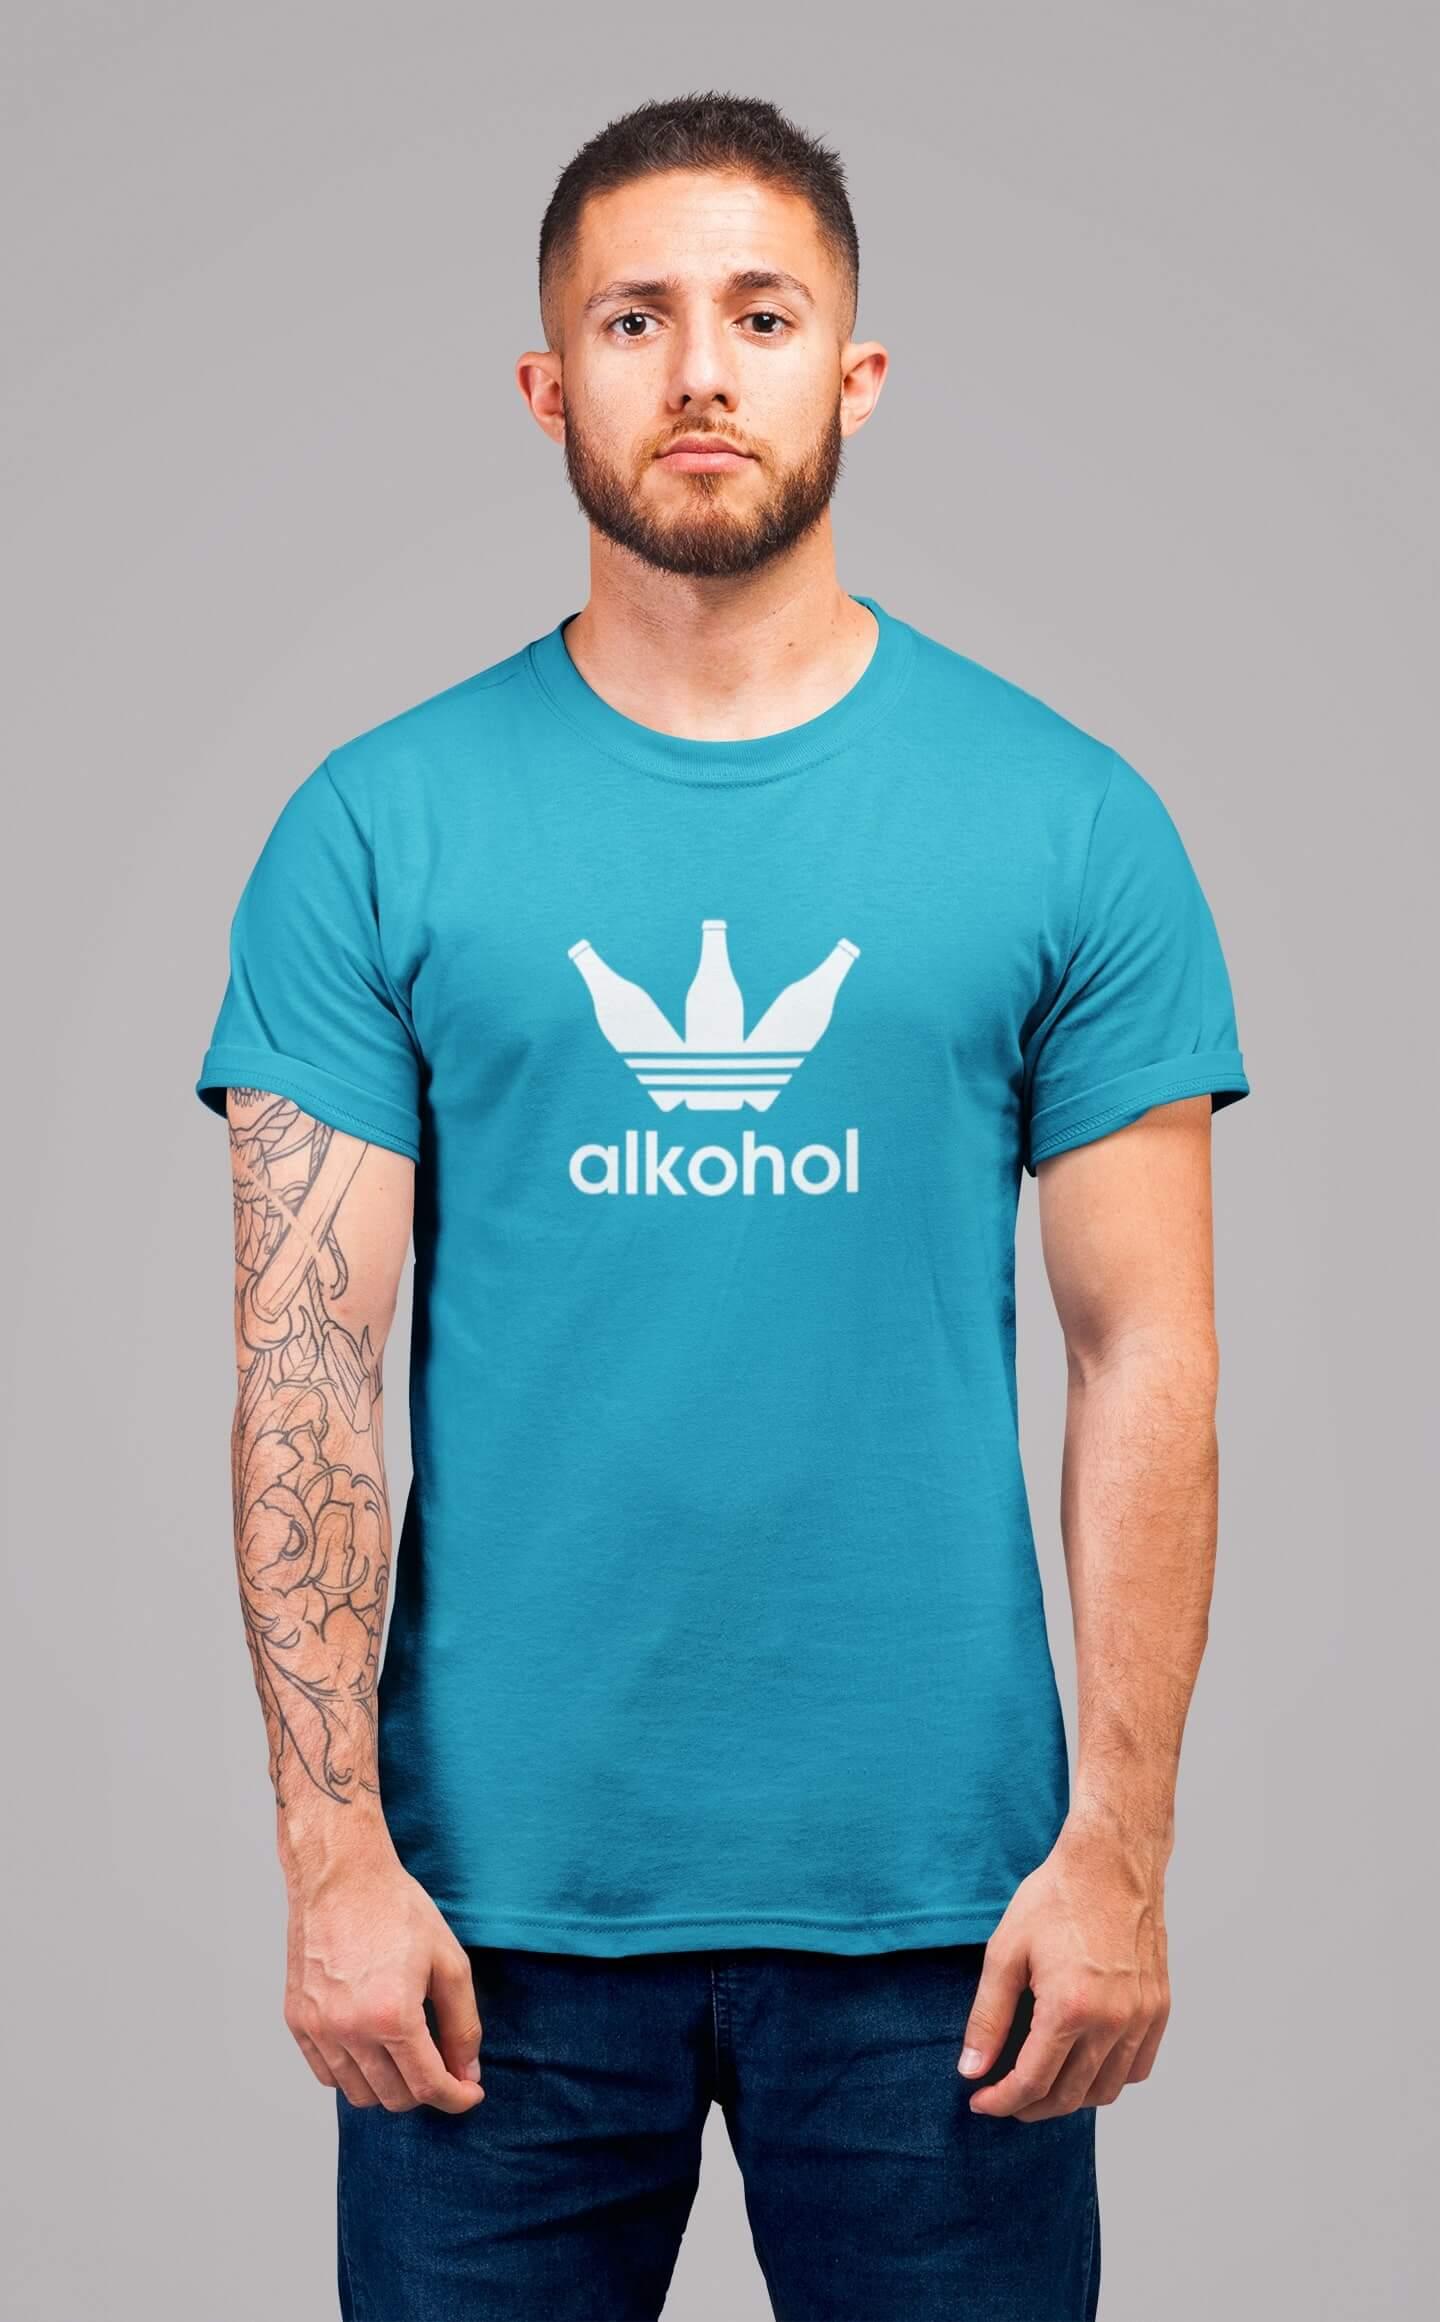 MMO Pánske tričko s flaškami Vyberte farbu: Tyrkysová, Vyberte veľkosť: S